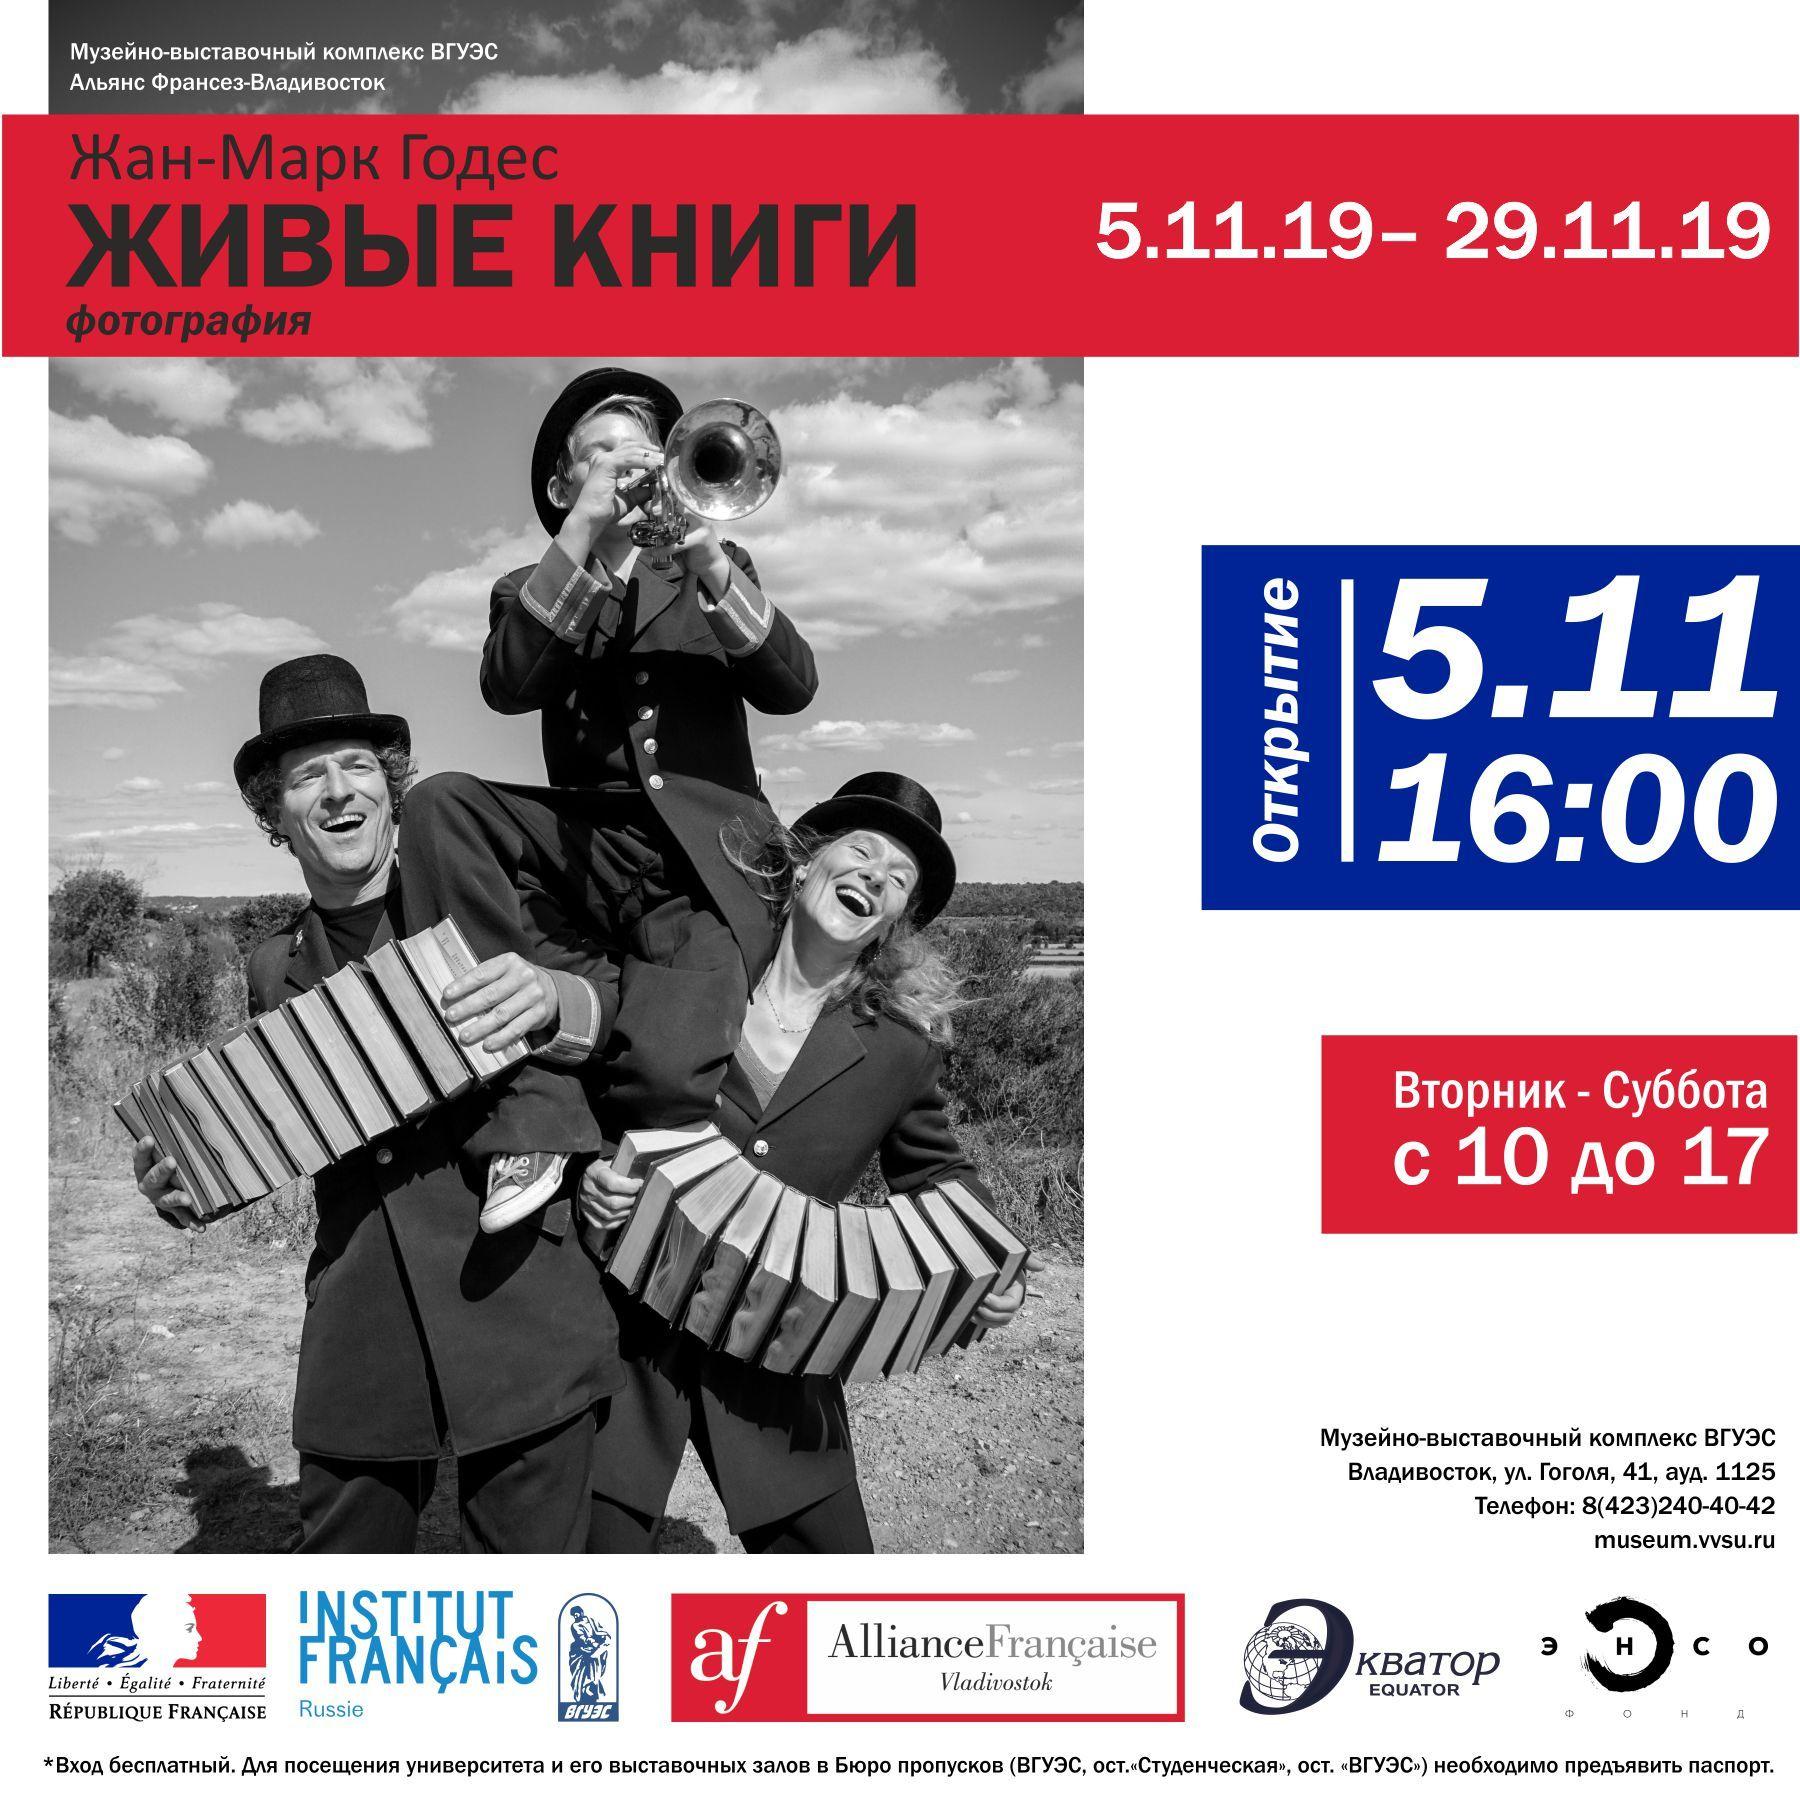 Открытие выставки французского фотографа Жан-Марка Годеса «Живые книги»